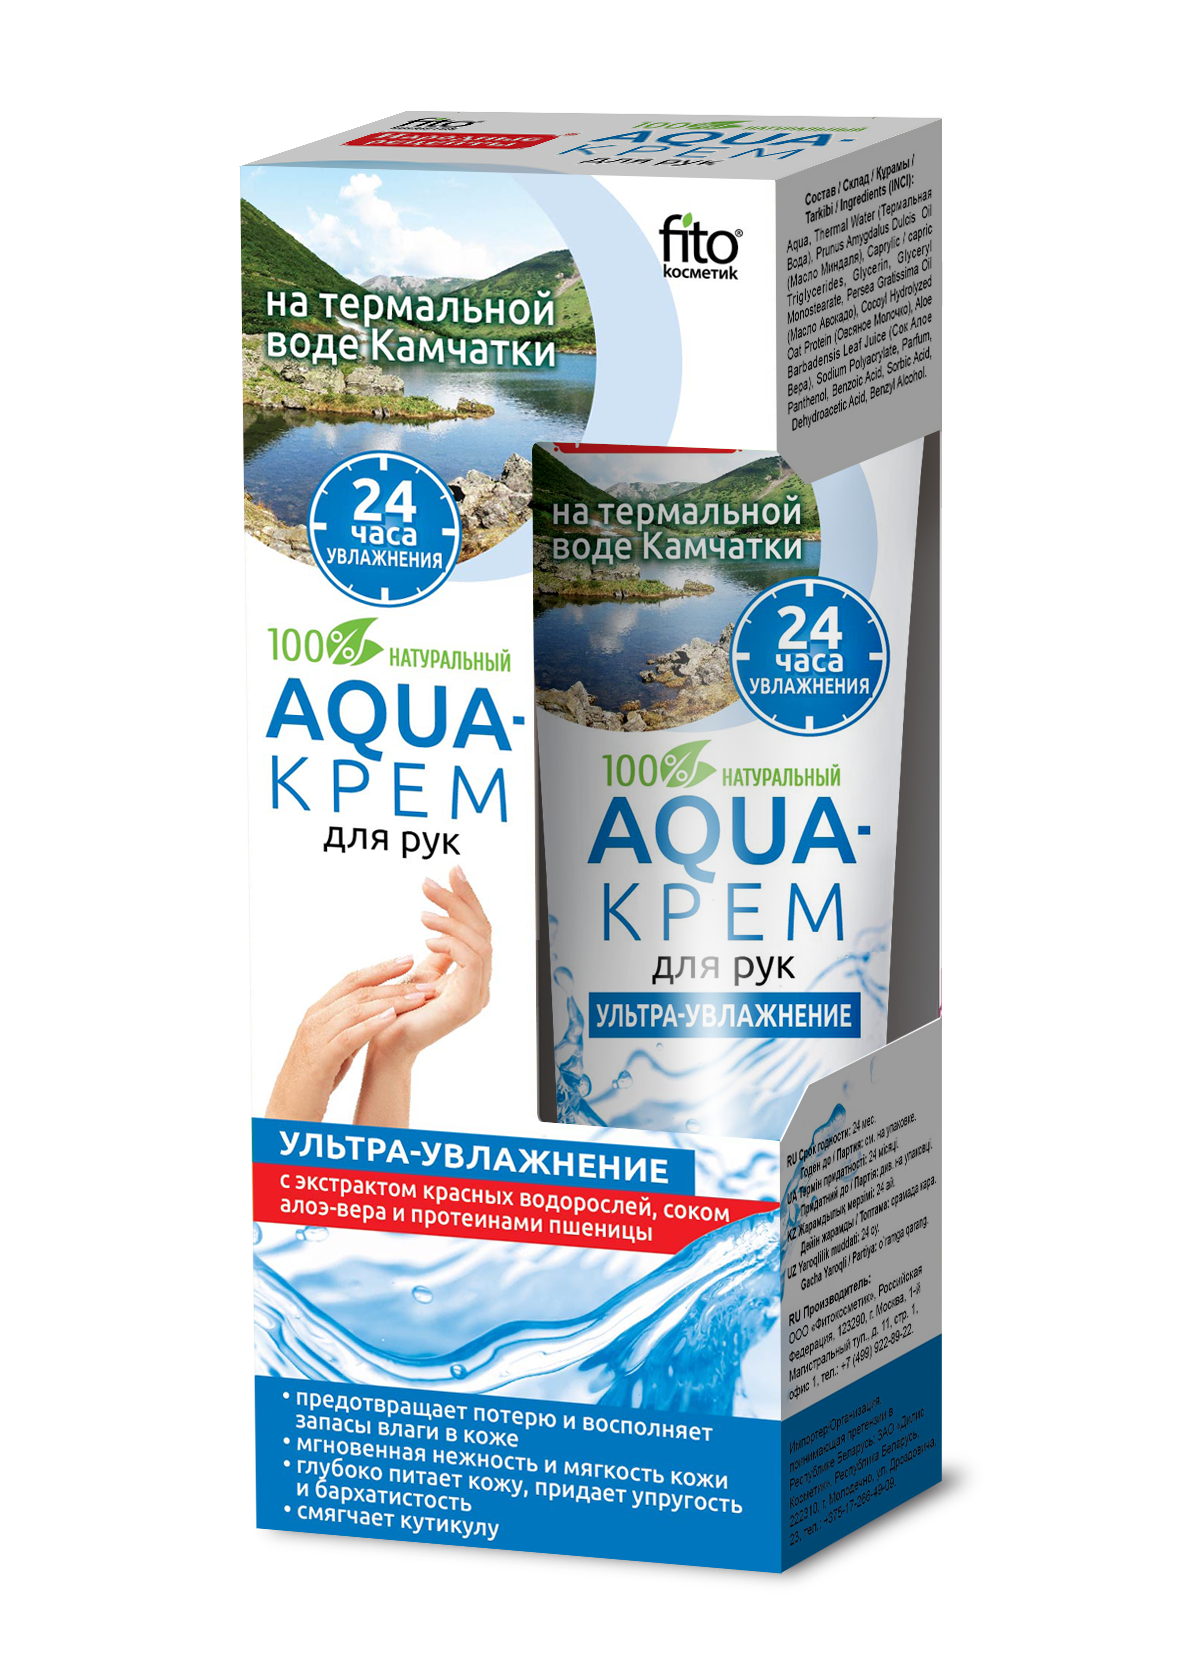 Отзыв о креме ФИТОкосметик «Aqua-крем для рук»